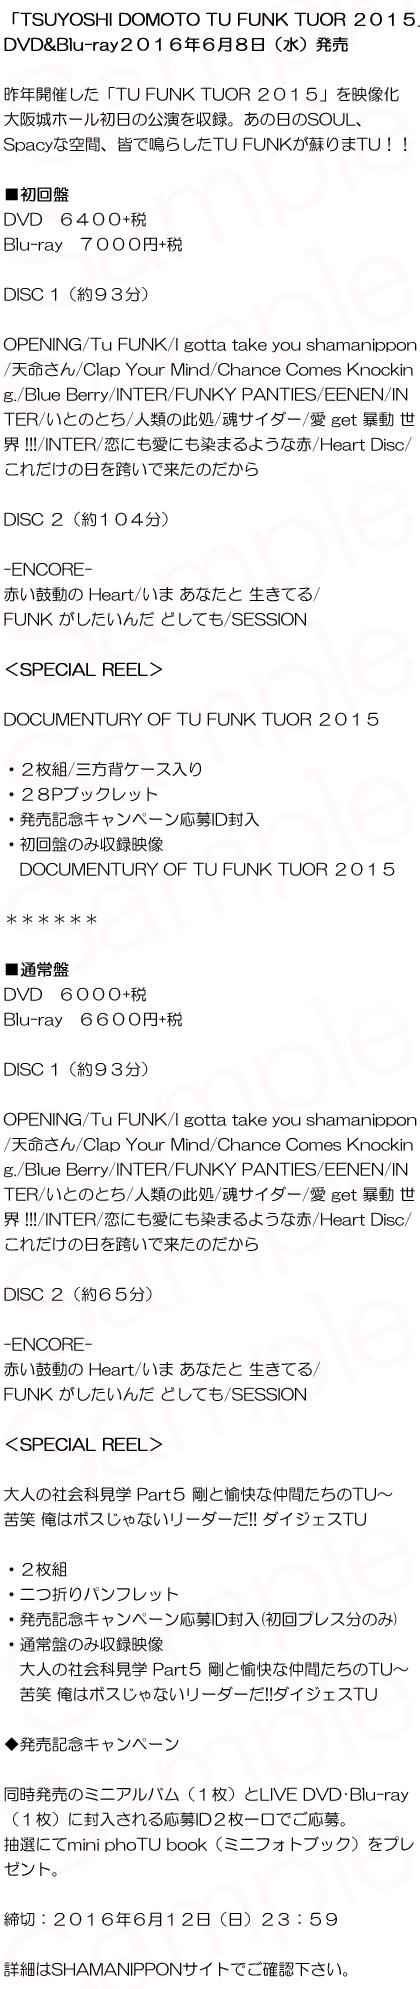 TU2015DVD発売